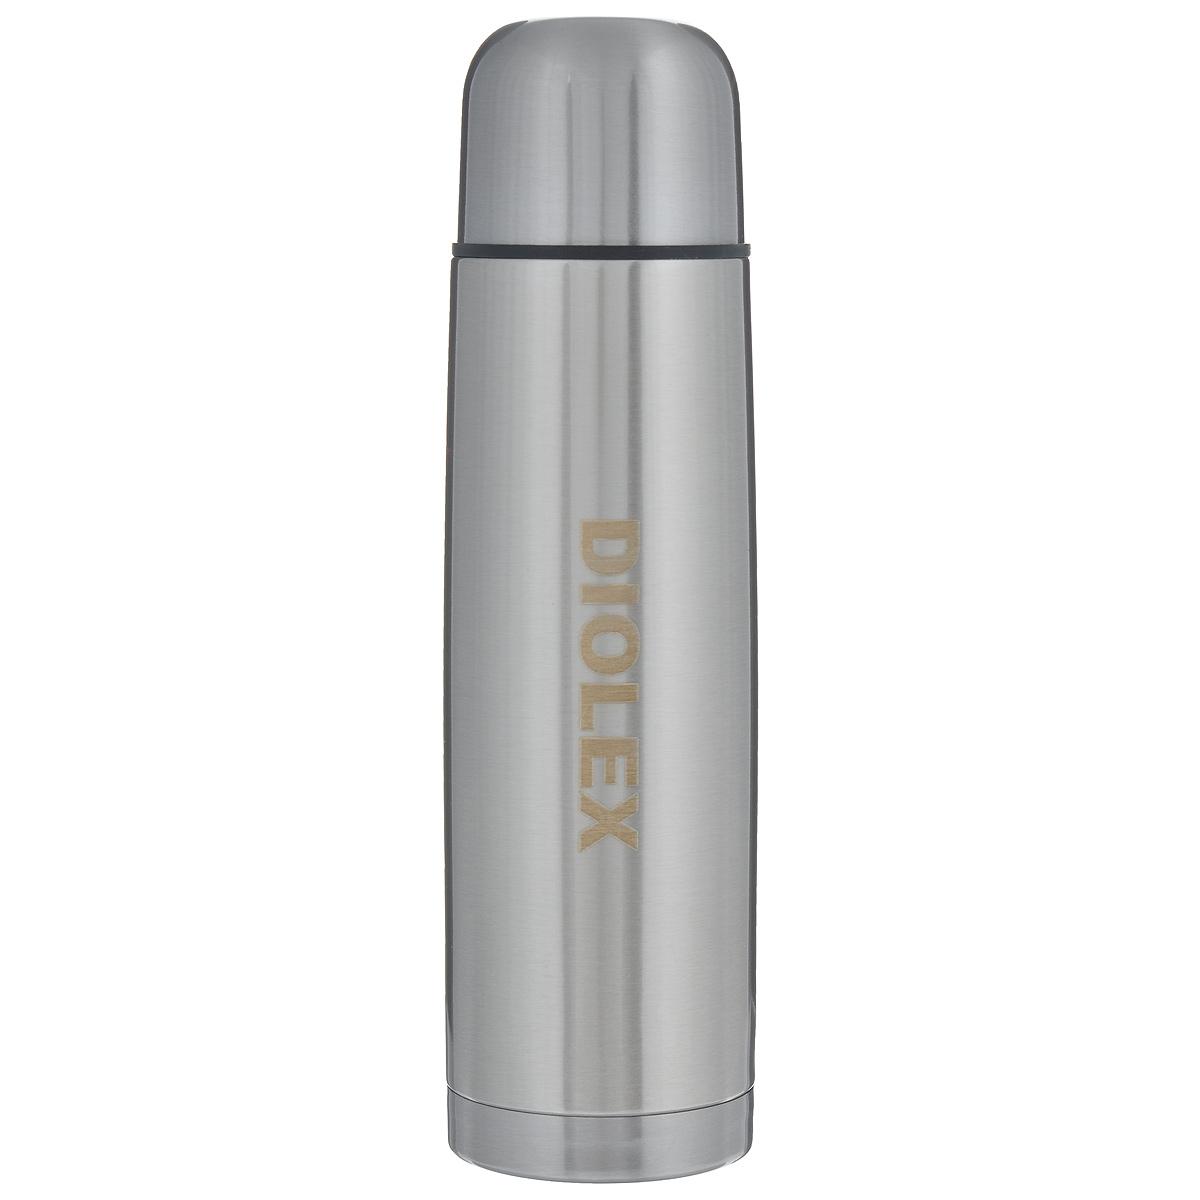 Термос Diolex, с узким горлом, 0,5 л. DX-500-1